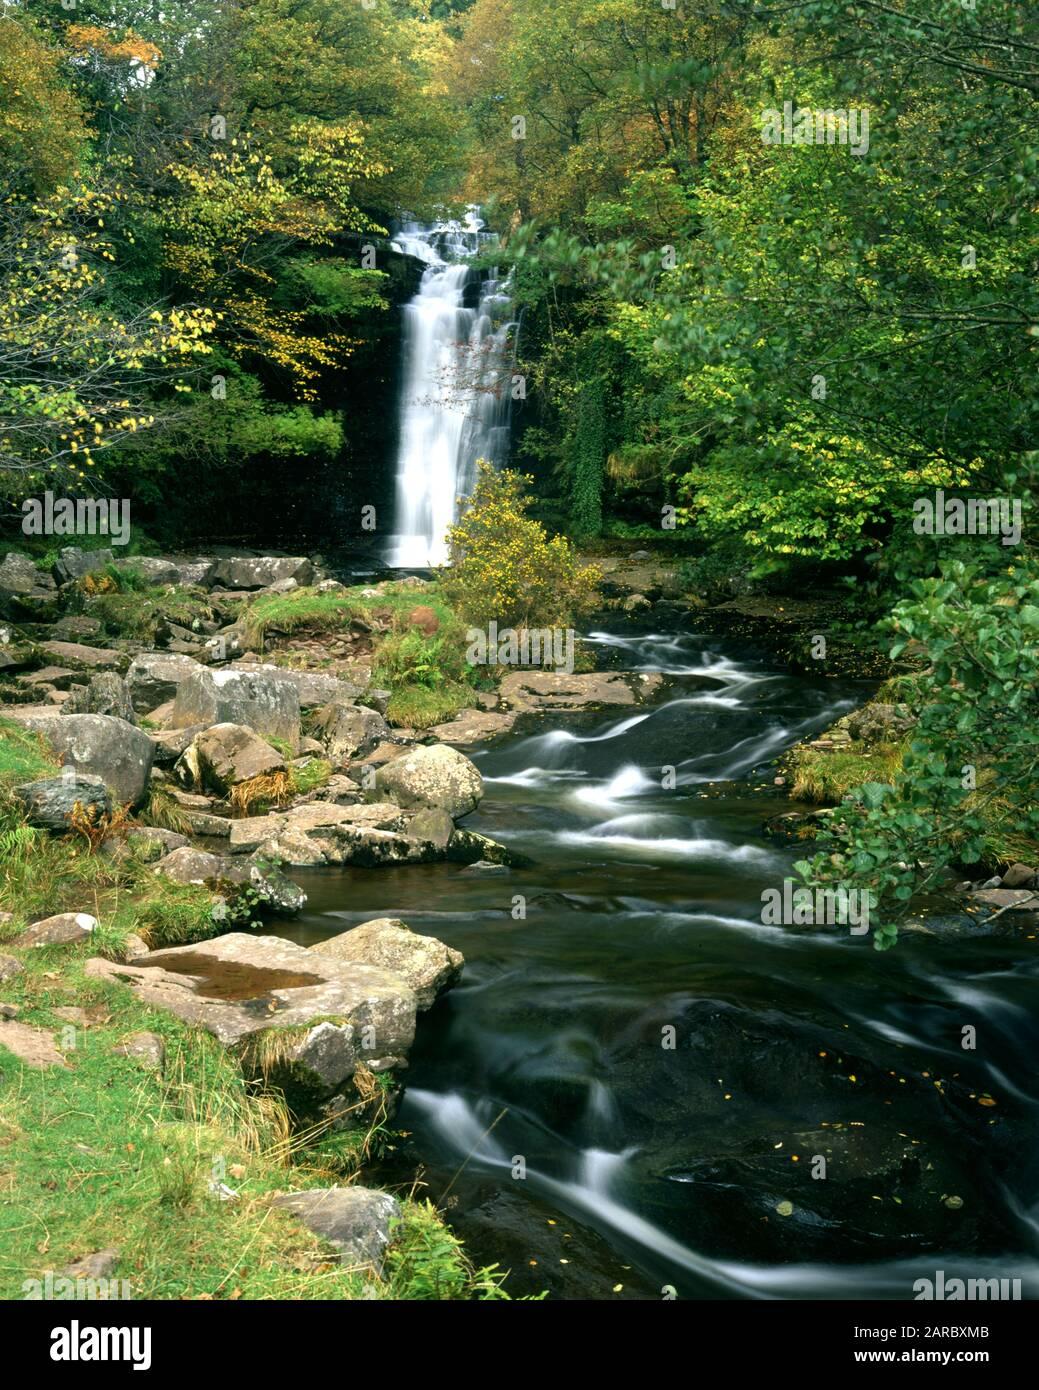 Cascada En El Río Caerfanell, Blaen Y Glyn, Parque Nacional Brecon Beacons, Powys, Gales. Foto de stock